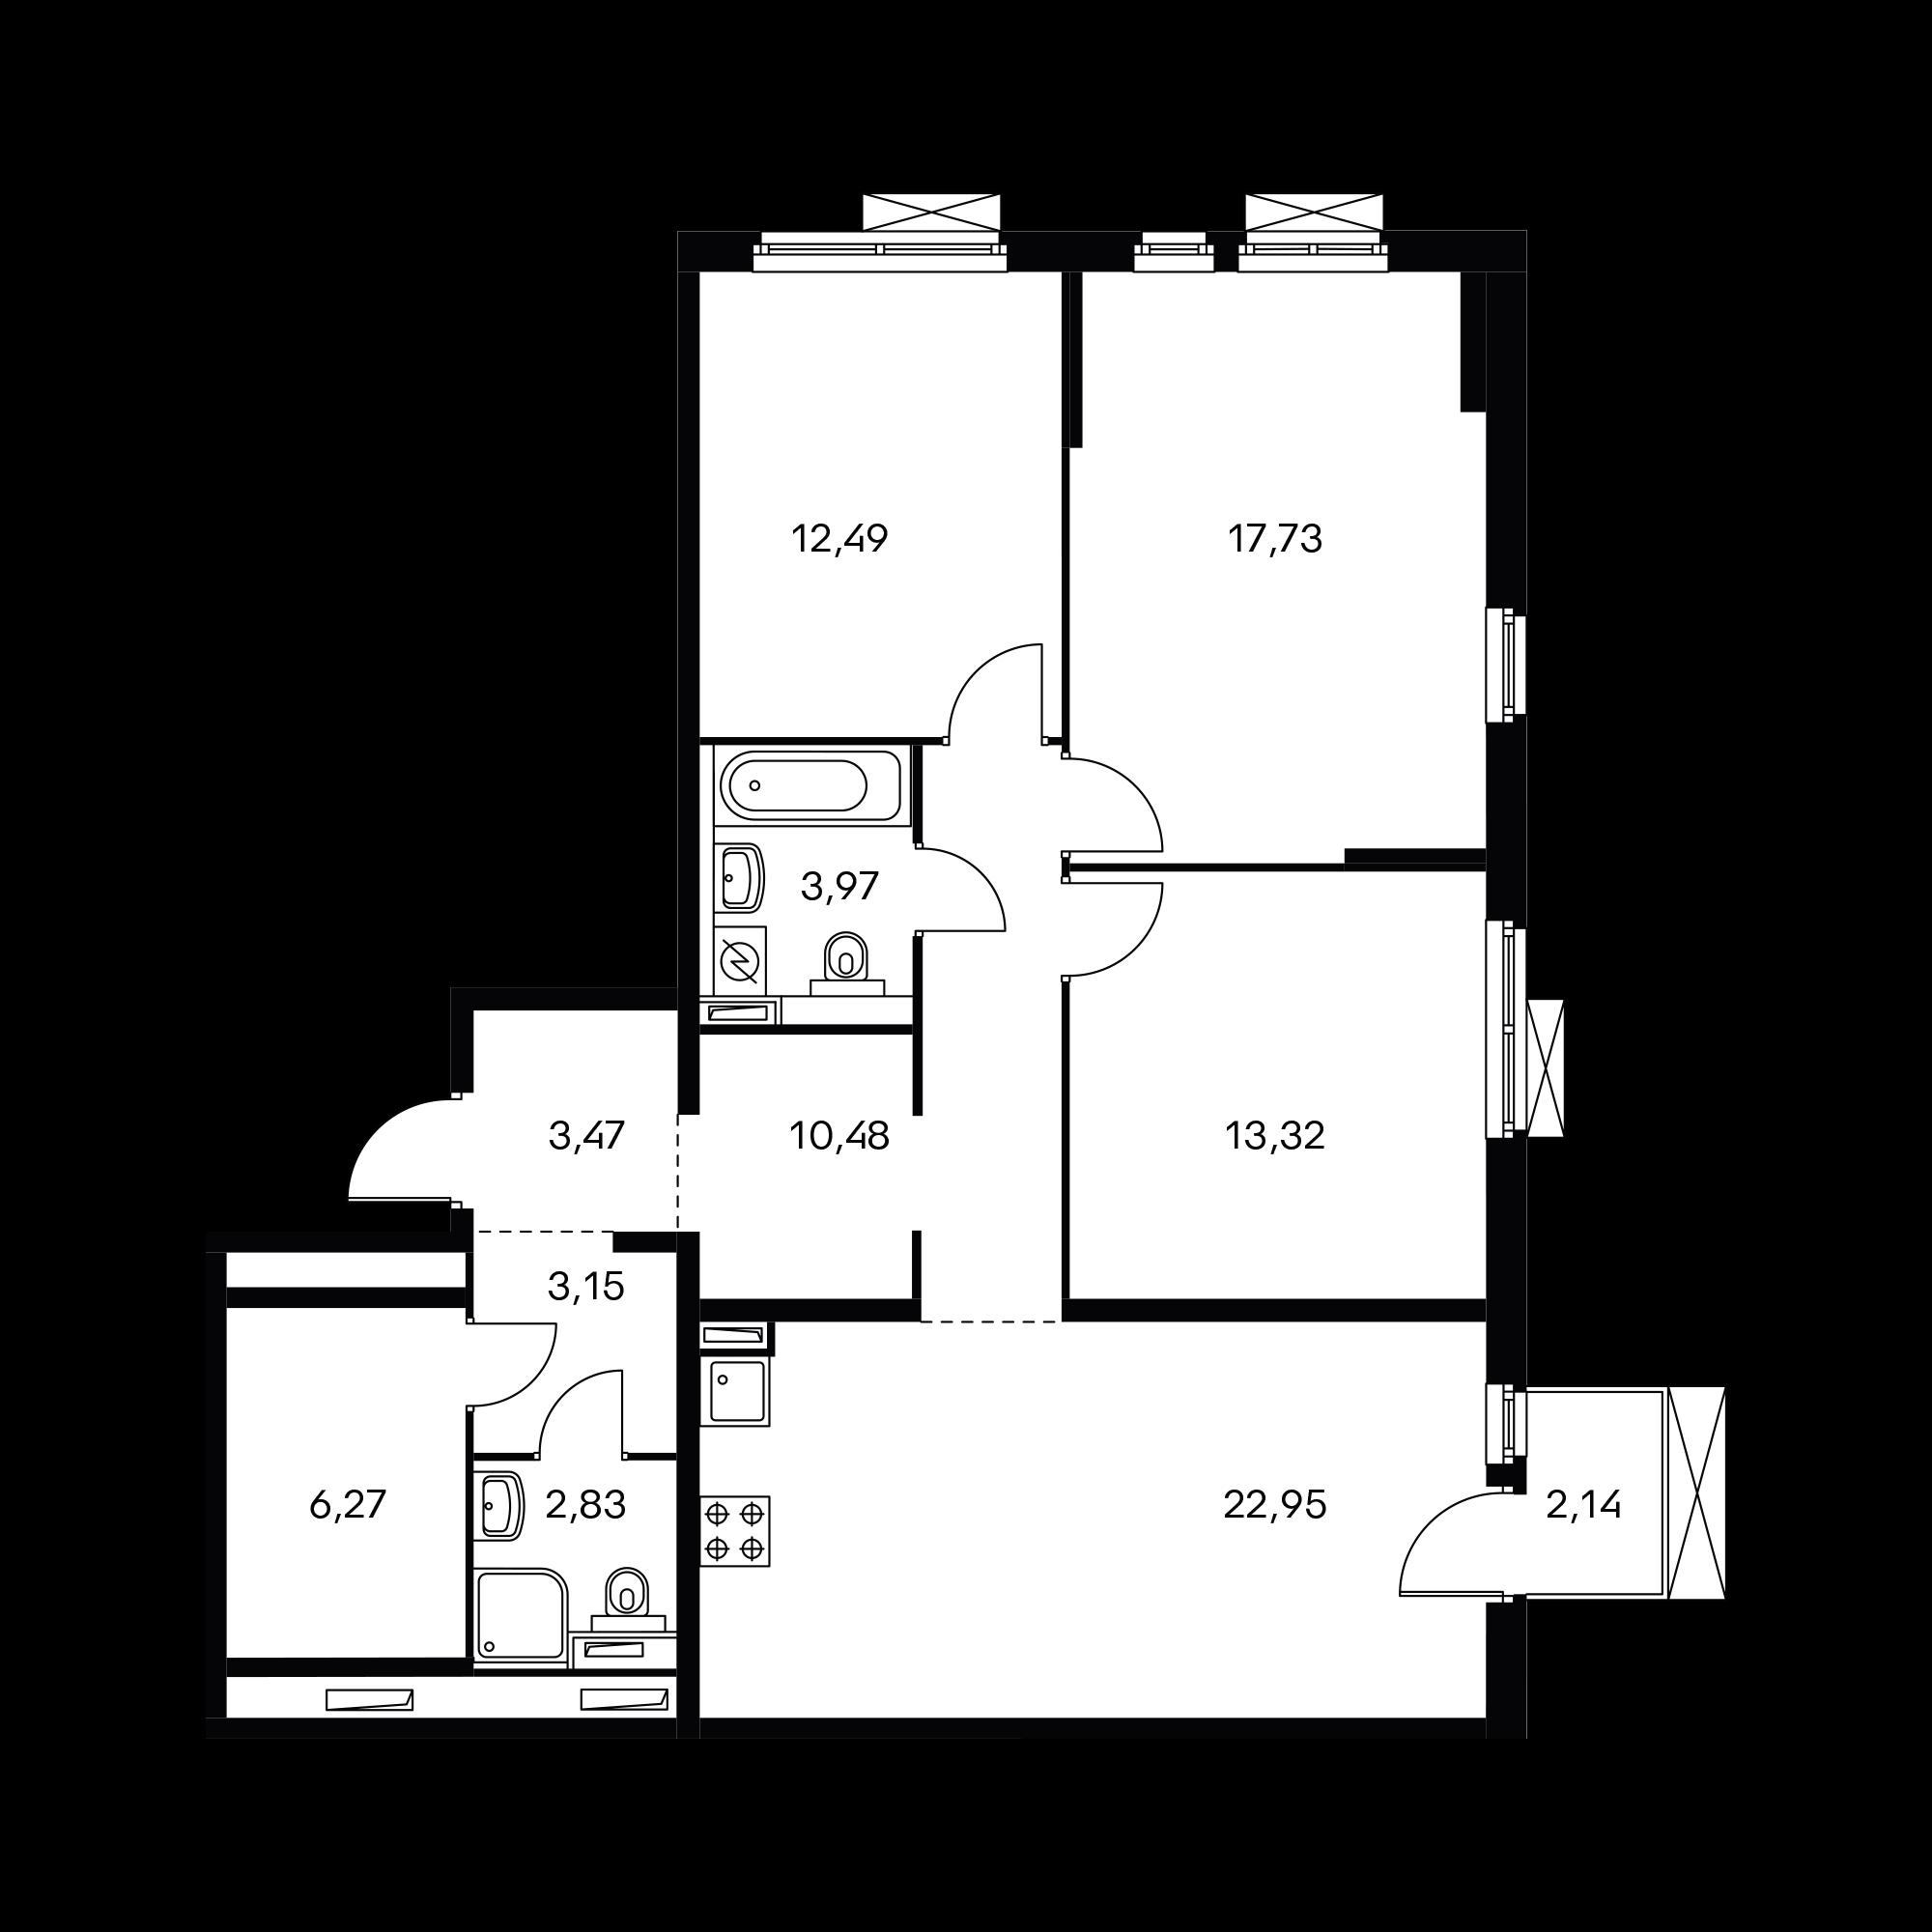 3EL23_10.8-1_B_Т_A